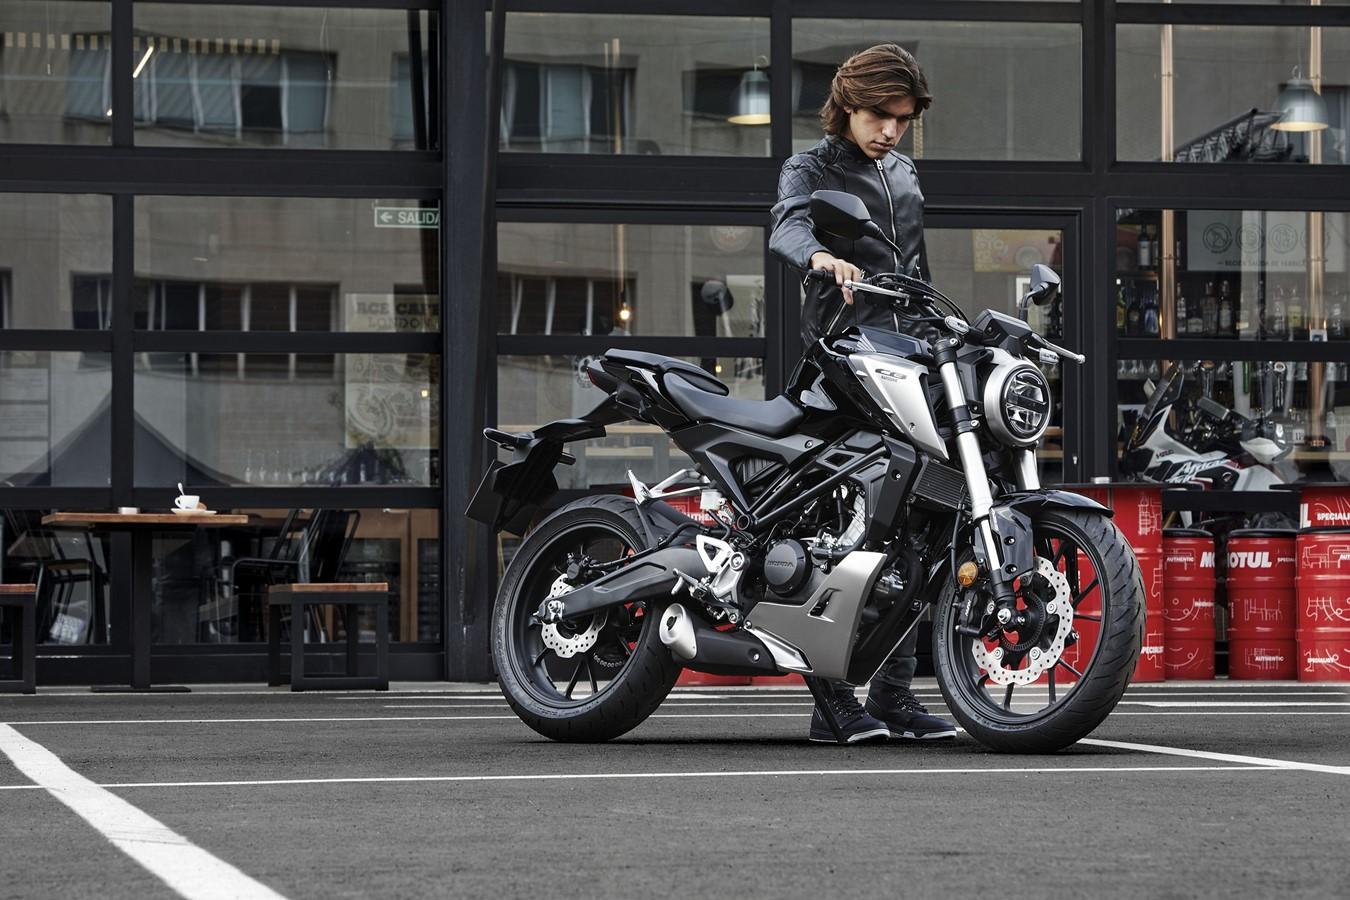 Las ventas de motos acumulan una subida del 40% este año